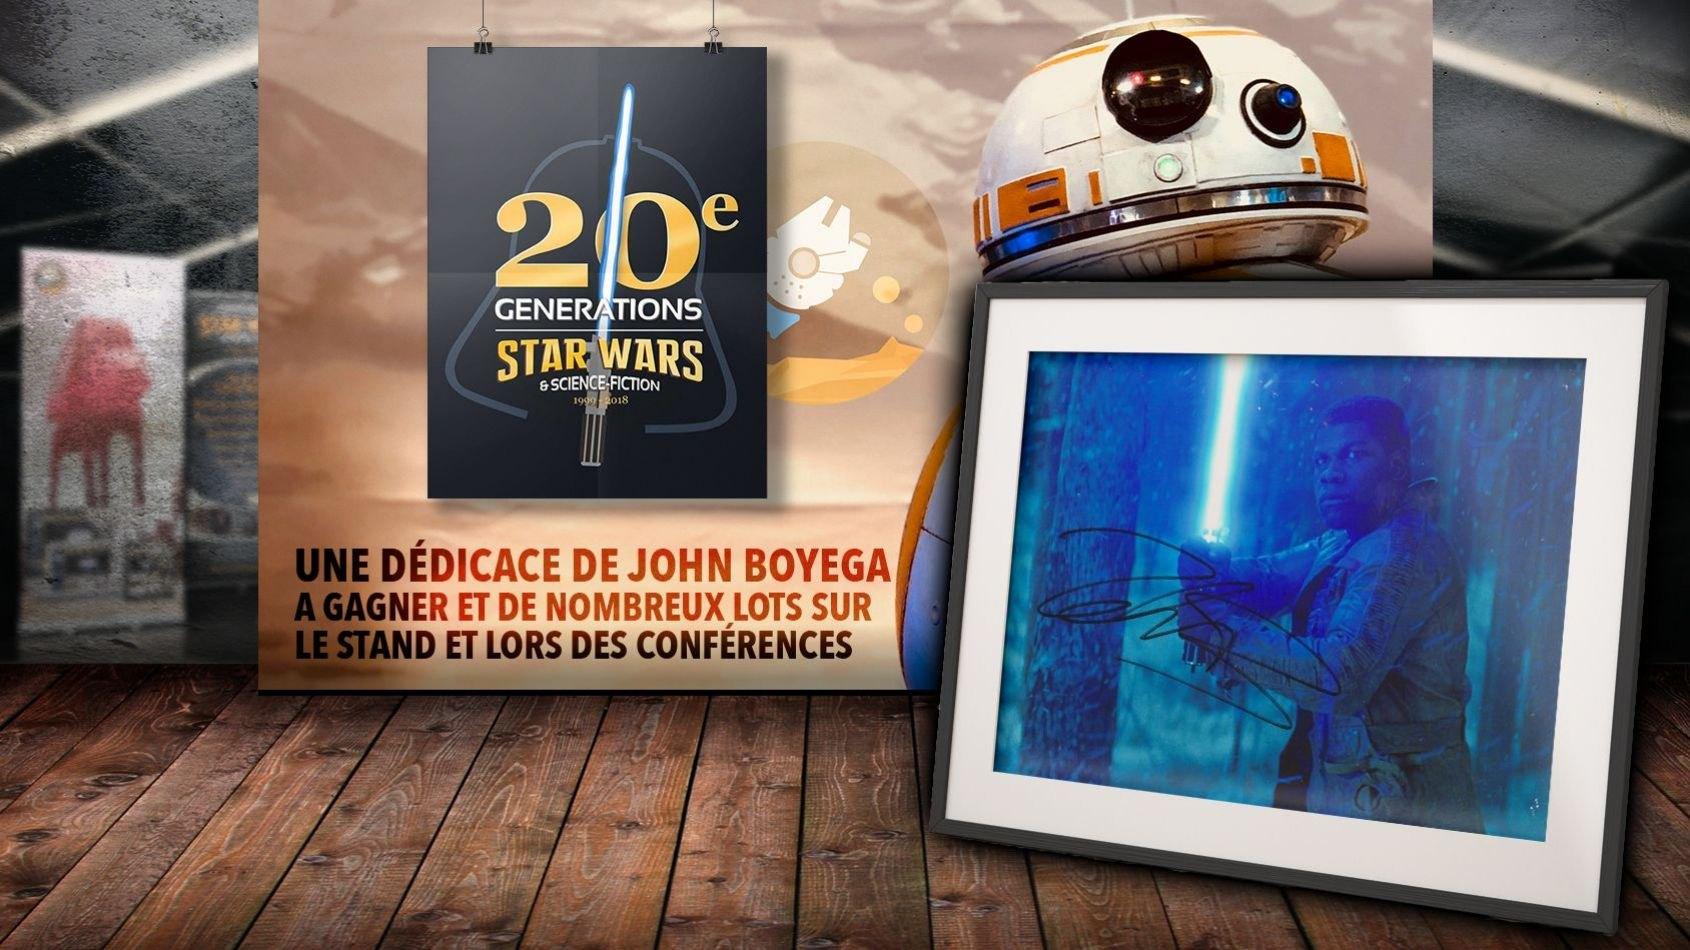 Gagnez une Dédicace de John Boyega à Générations Star Wars à Cusset !